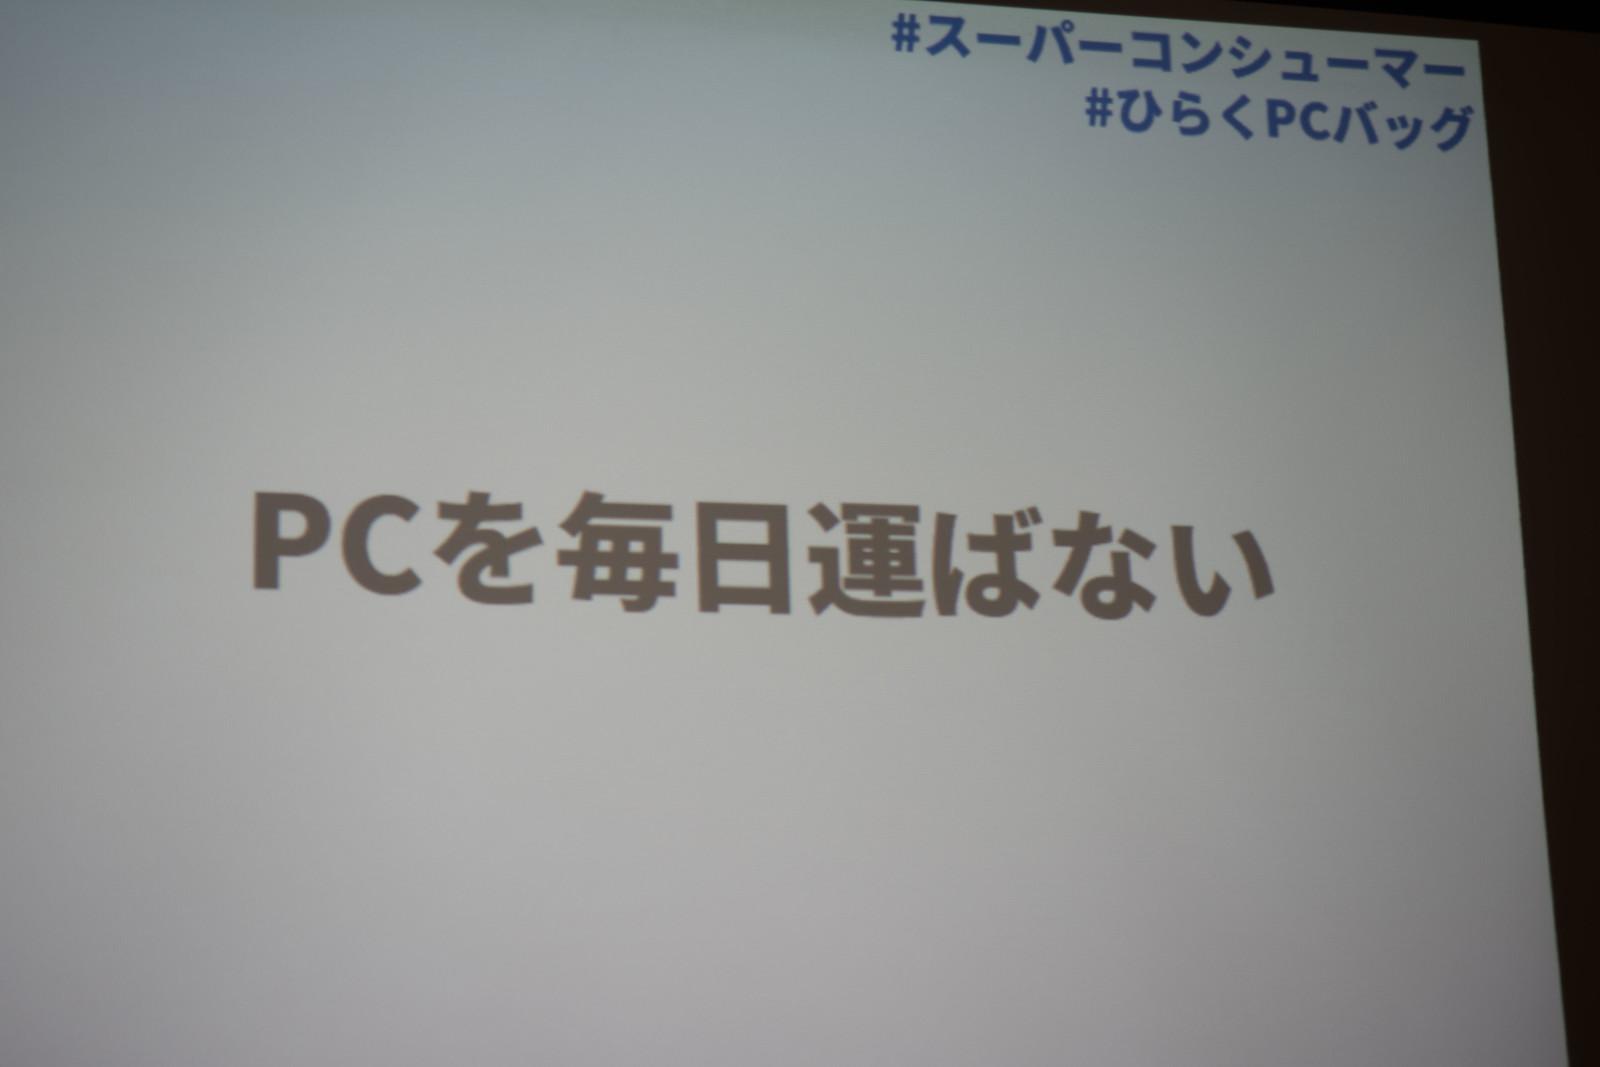 ひらくPCバッグnano-6